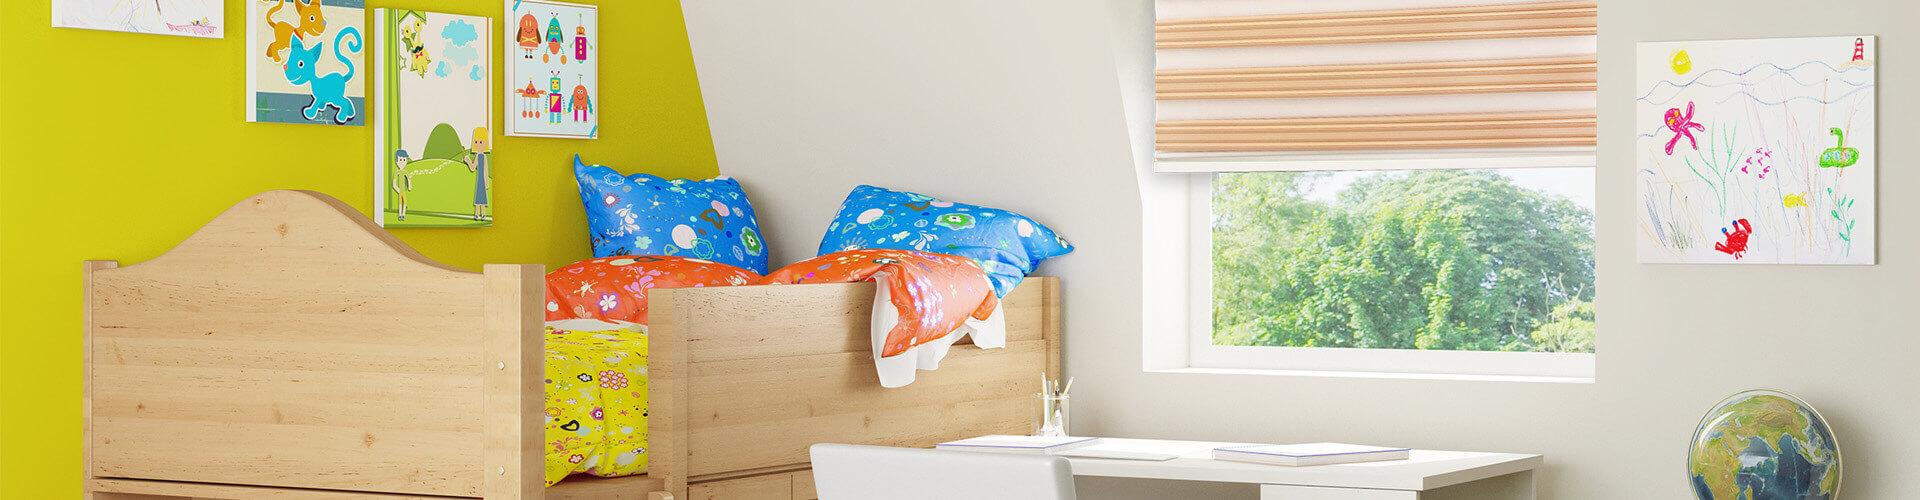 Full Size of Kinderzimmer Günstig Rollos Online Gnstig Schnell Bestellen Esstisch Günstige Küche Mit E Geräten Chesterfield Sofa Kaufen Betten Xxl 180x200 Schlafzimmer Kinderzimmer Kinderzimmer Günstig